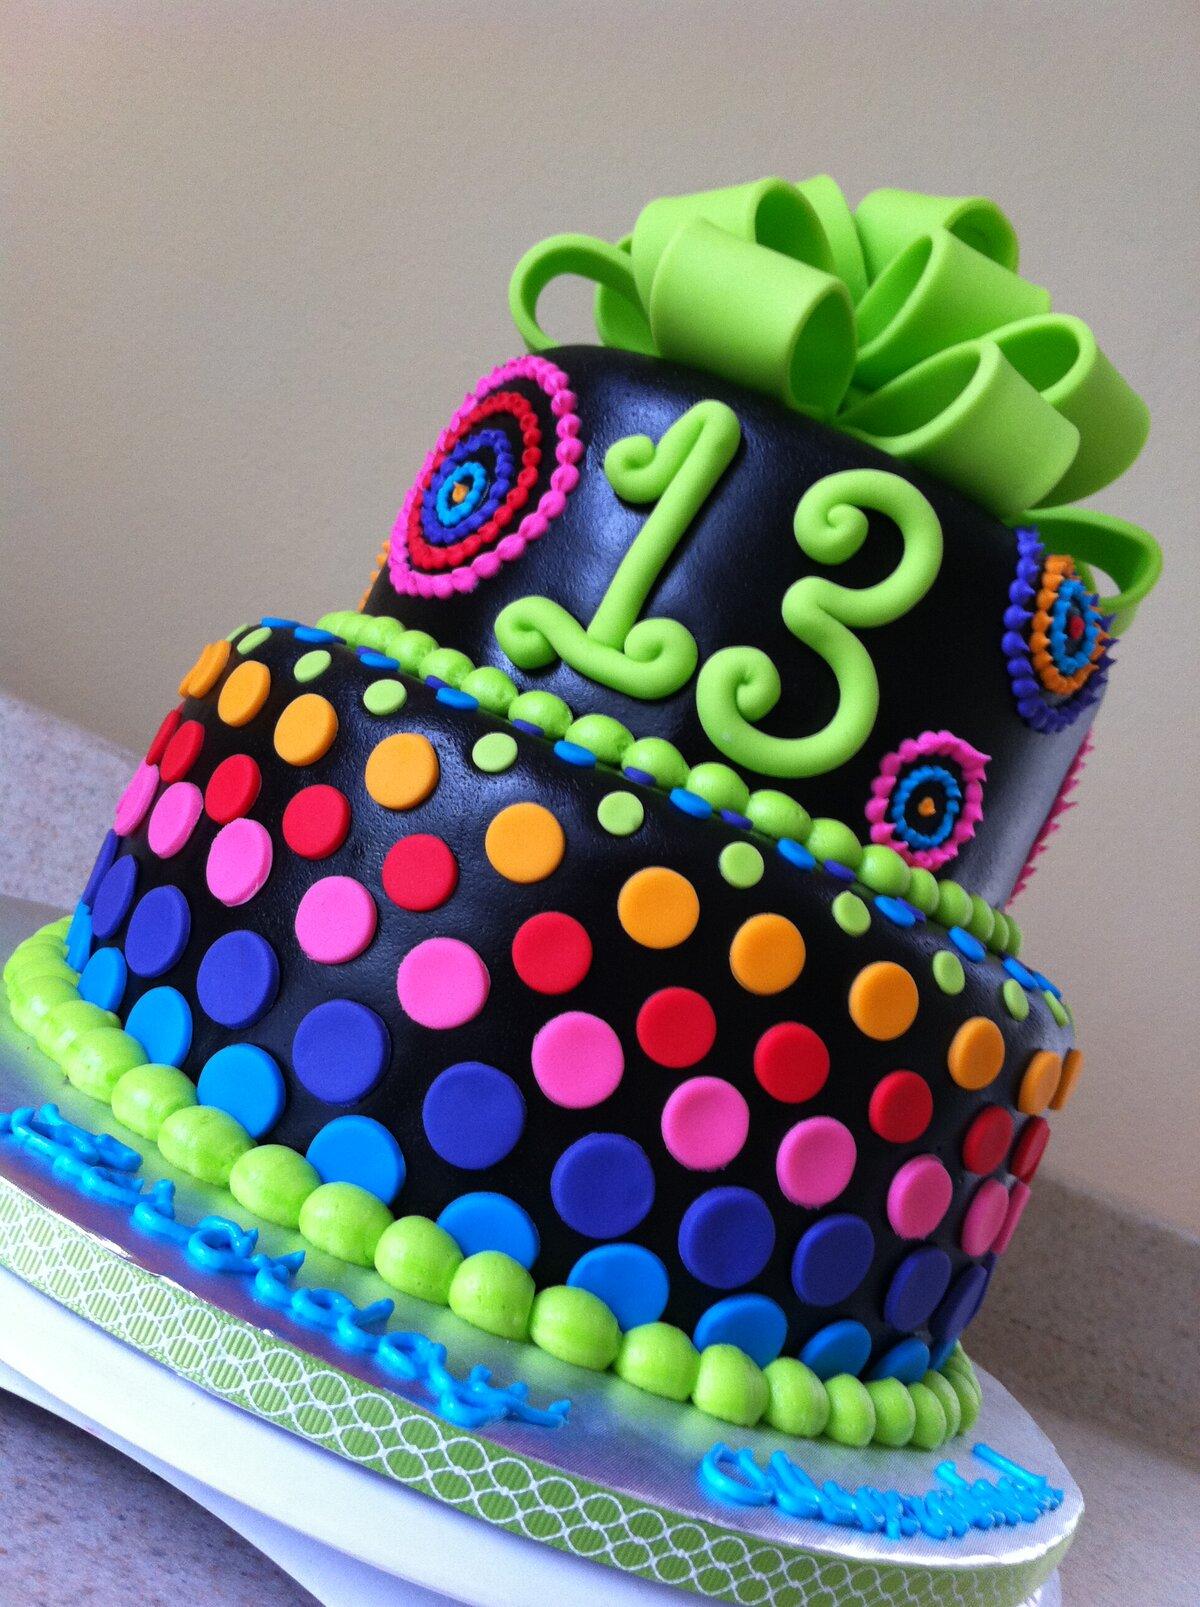 Картинка с днем рождения девочке на торт